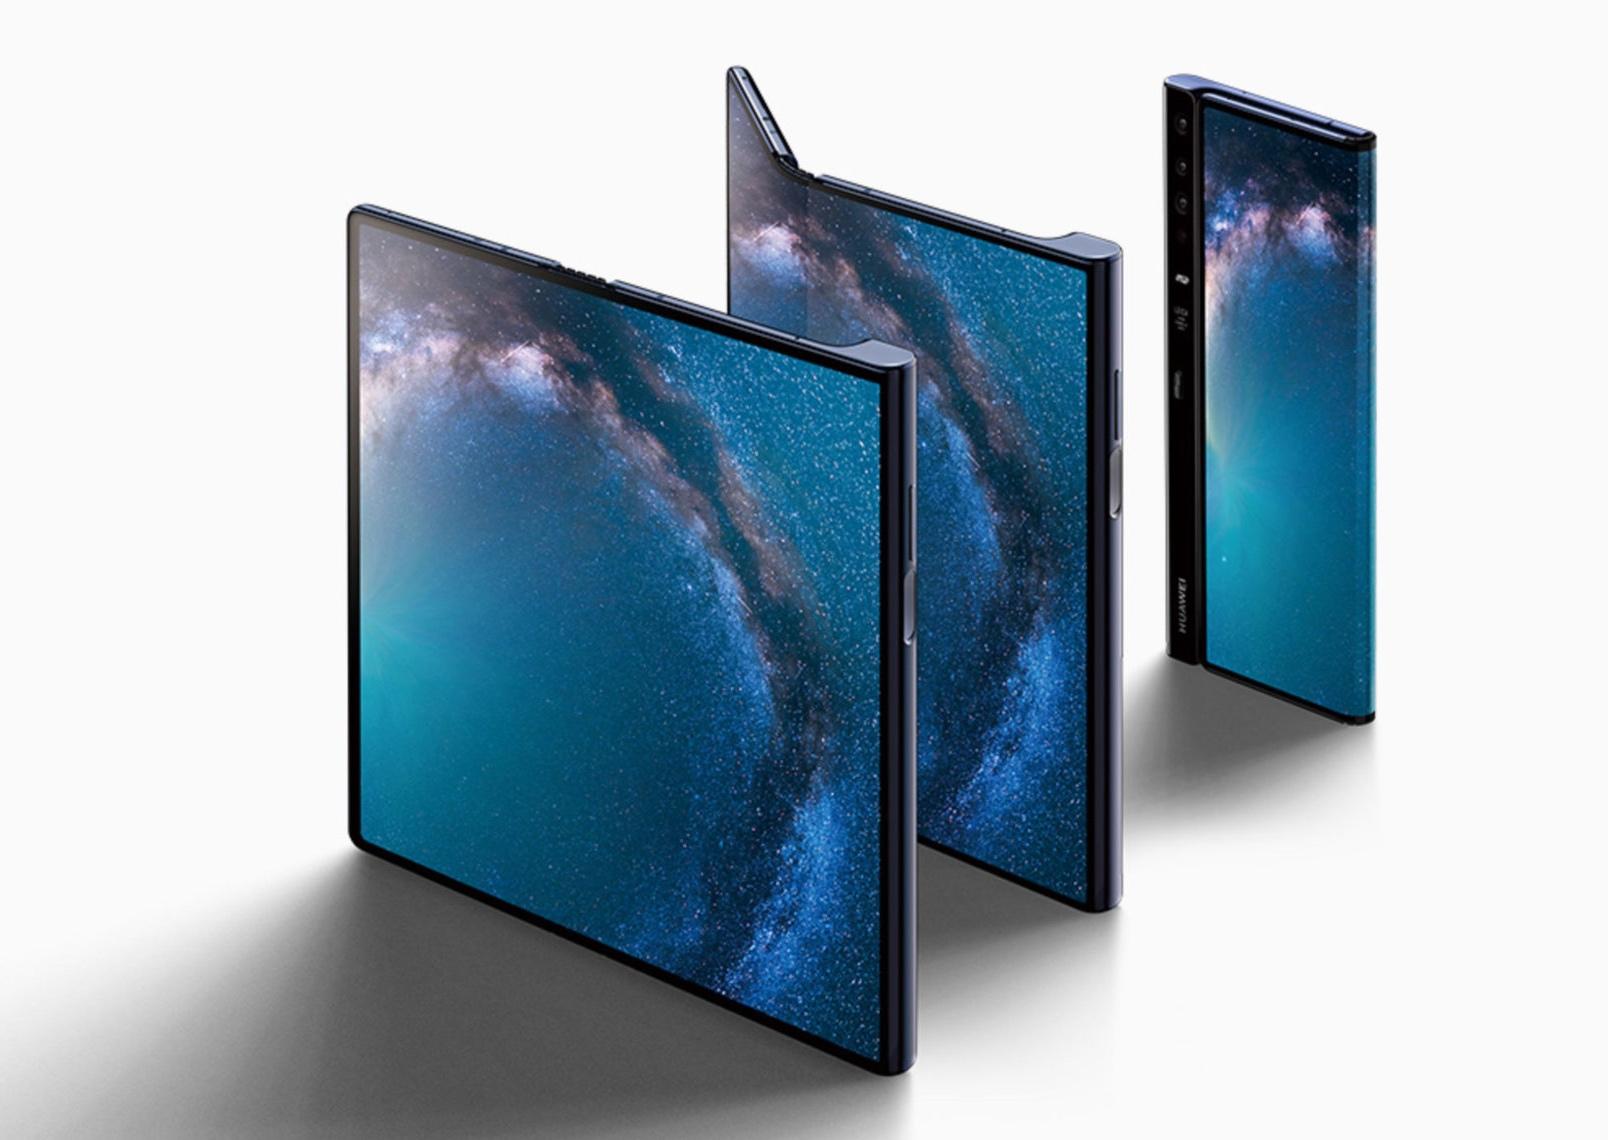 Huawei Foldable Mate X - February 2019